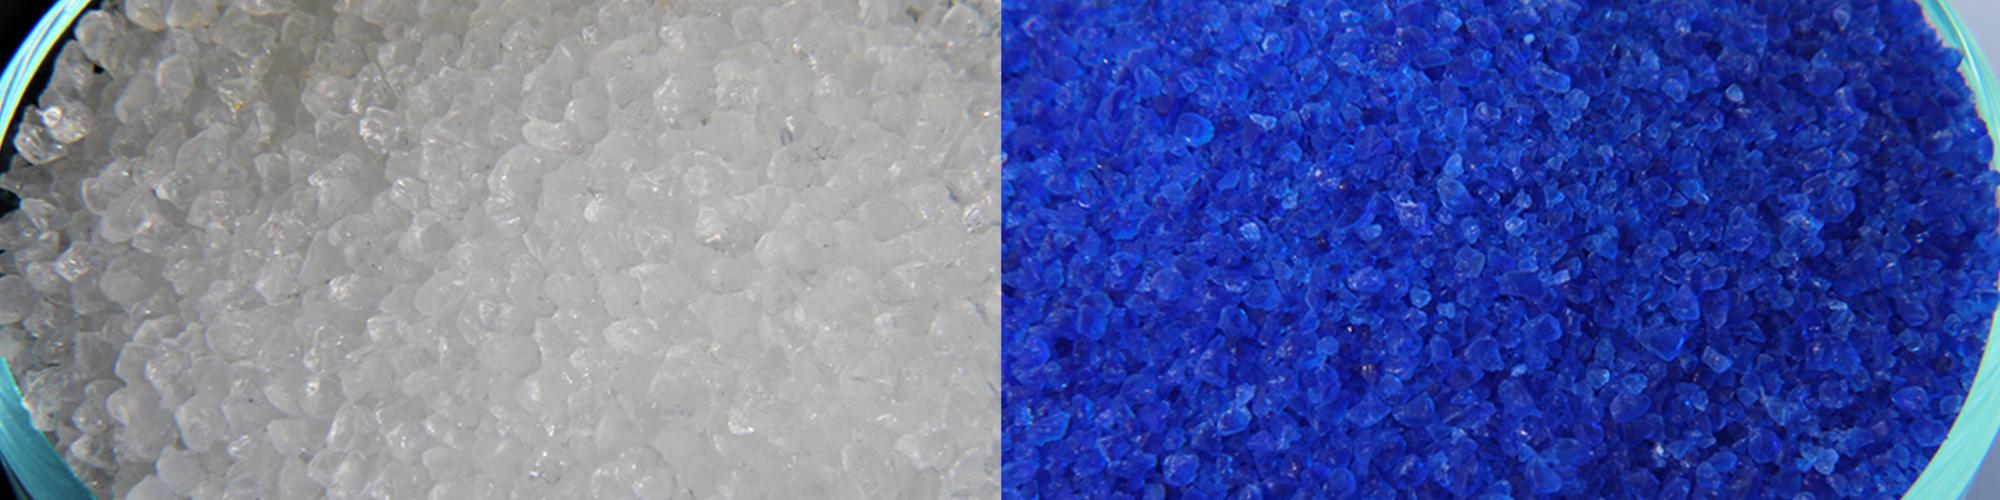 Silica Gel - Silica Gel Desiccant Products Co